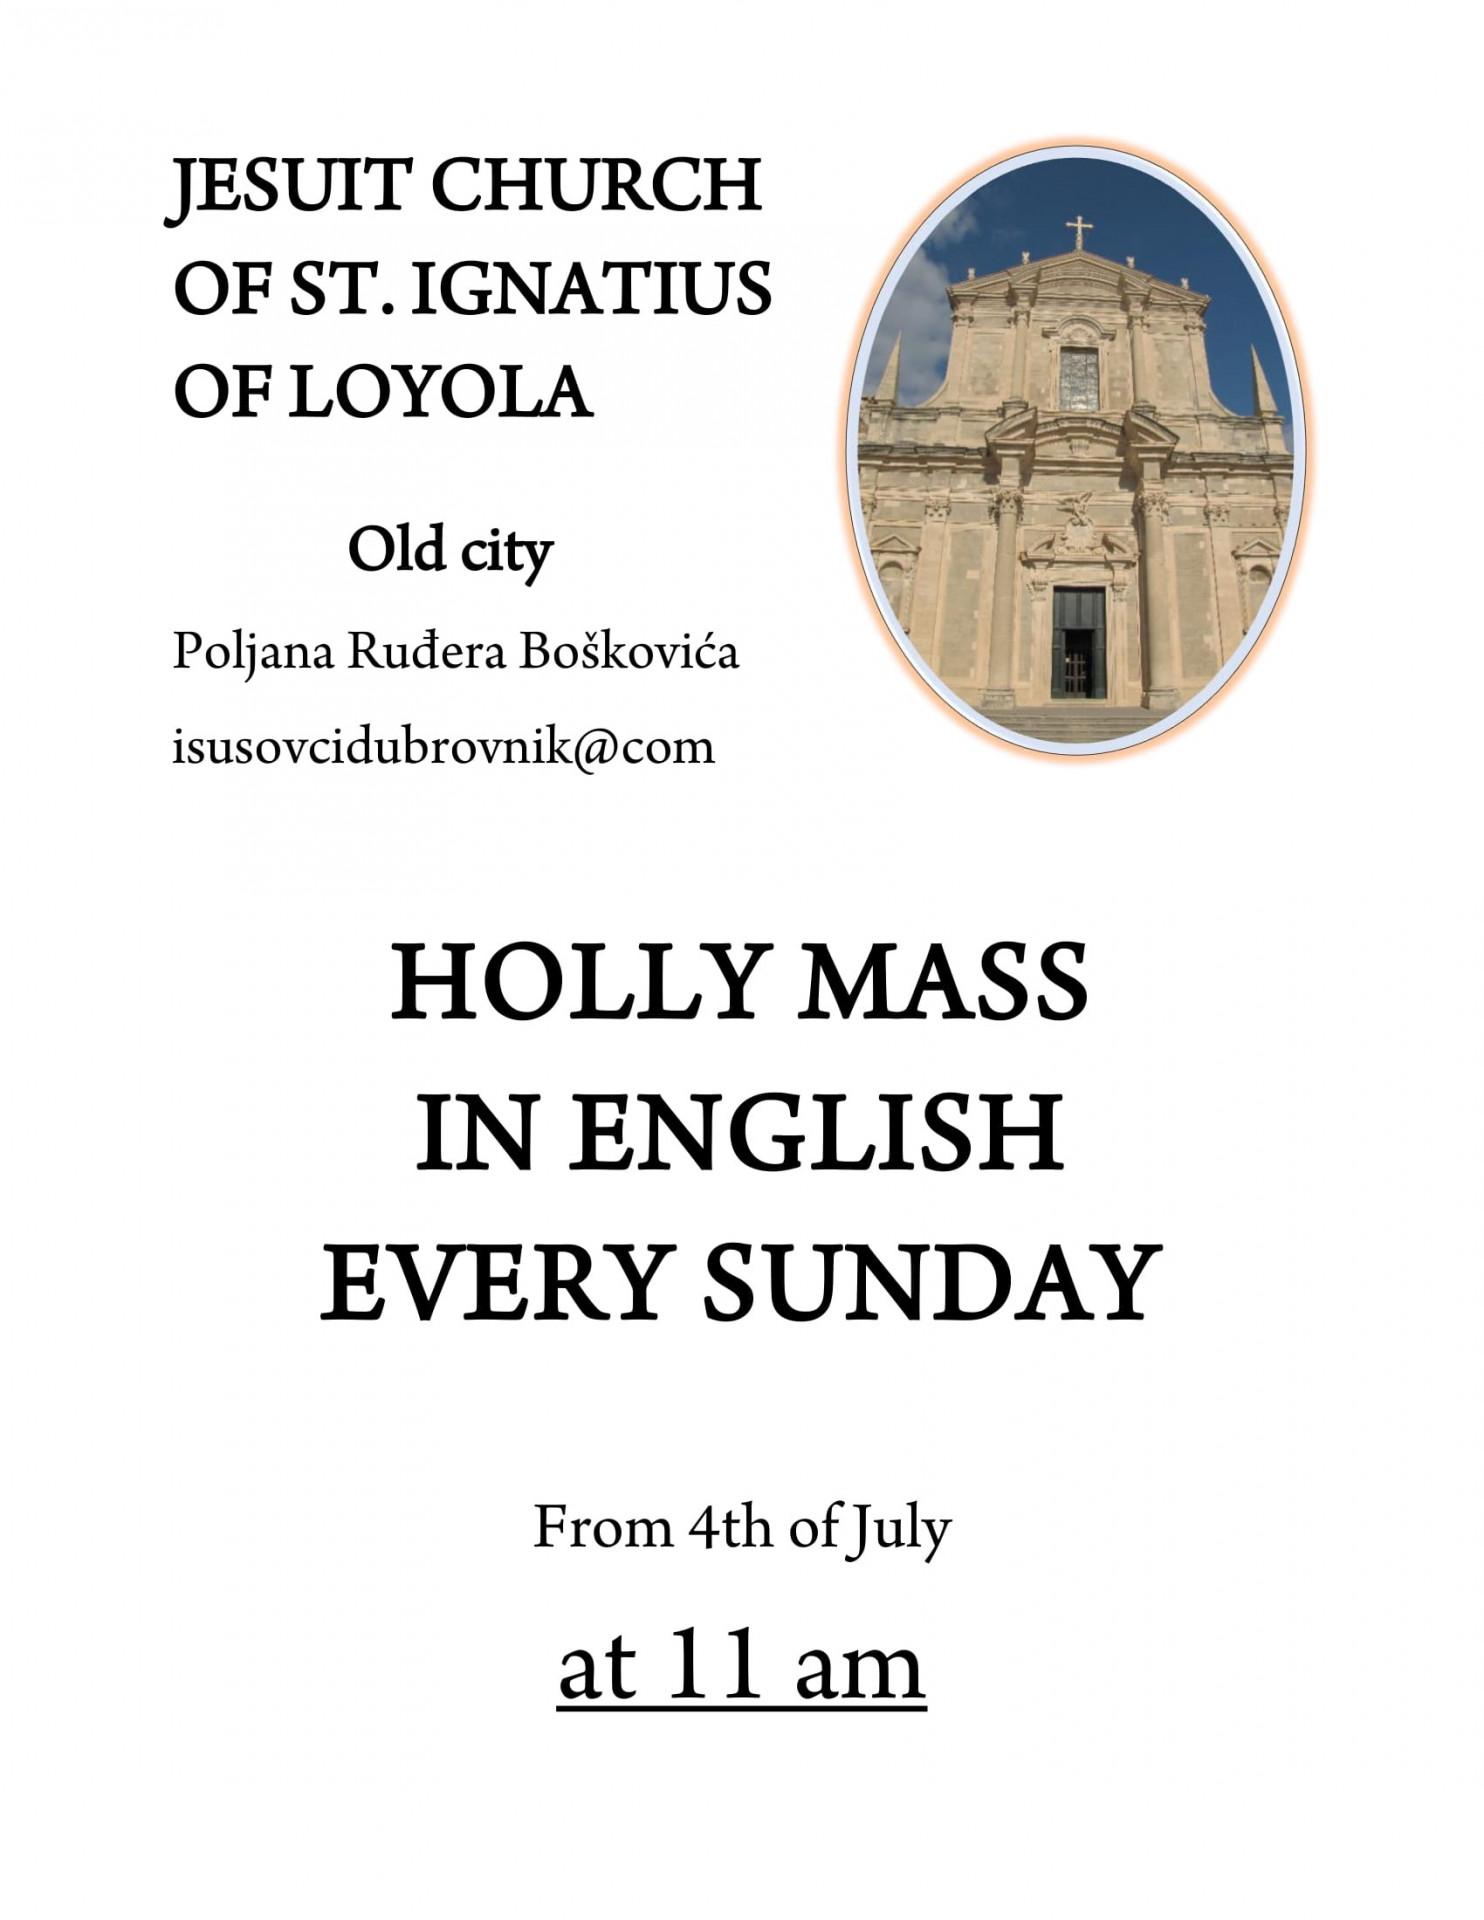 Mise na engleskom u crkvi sv. ignacija u dubrovniku 1